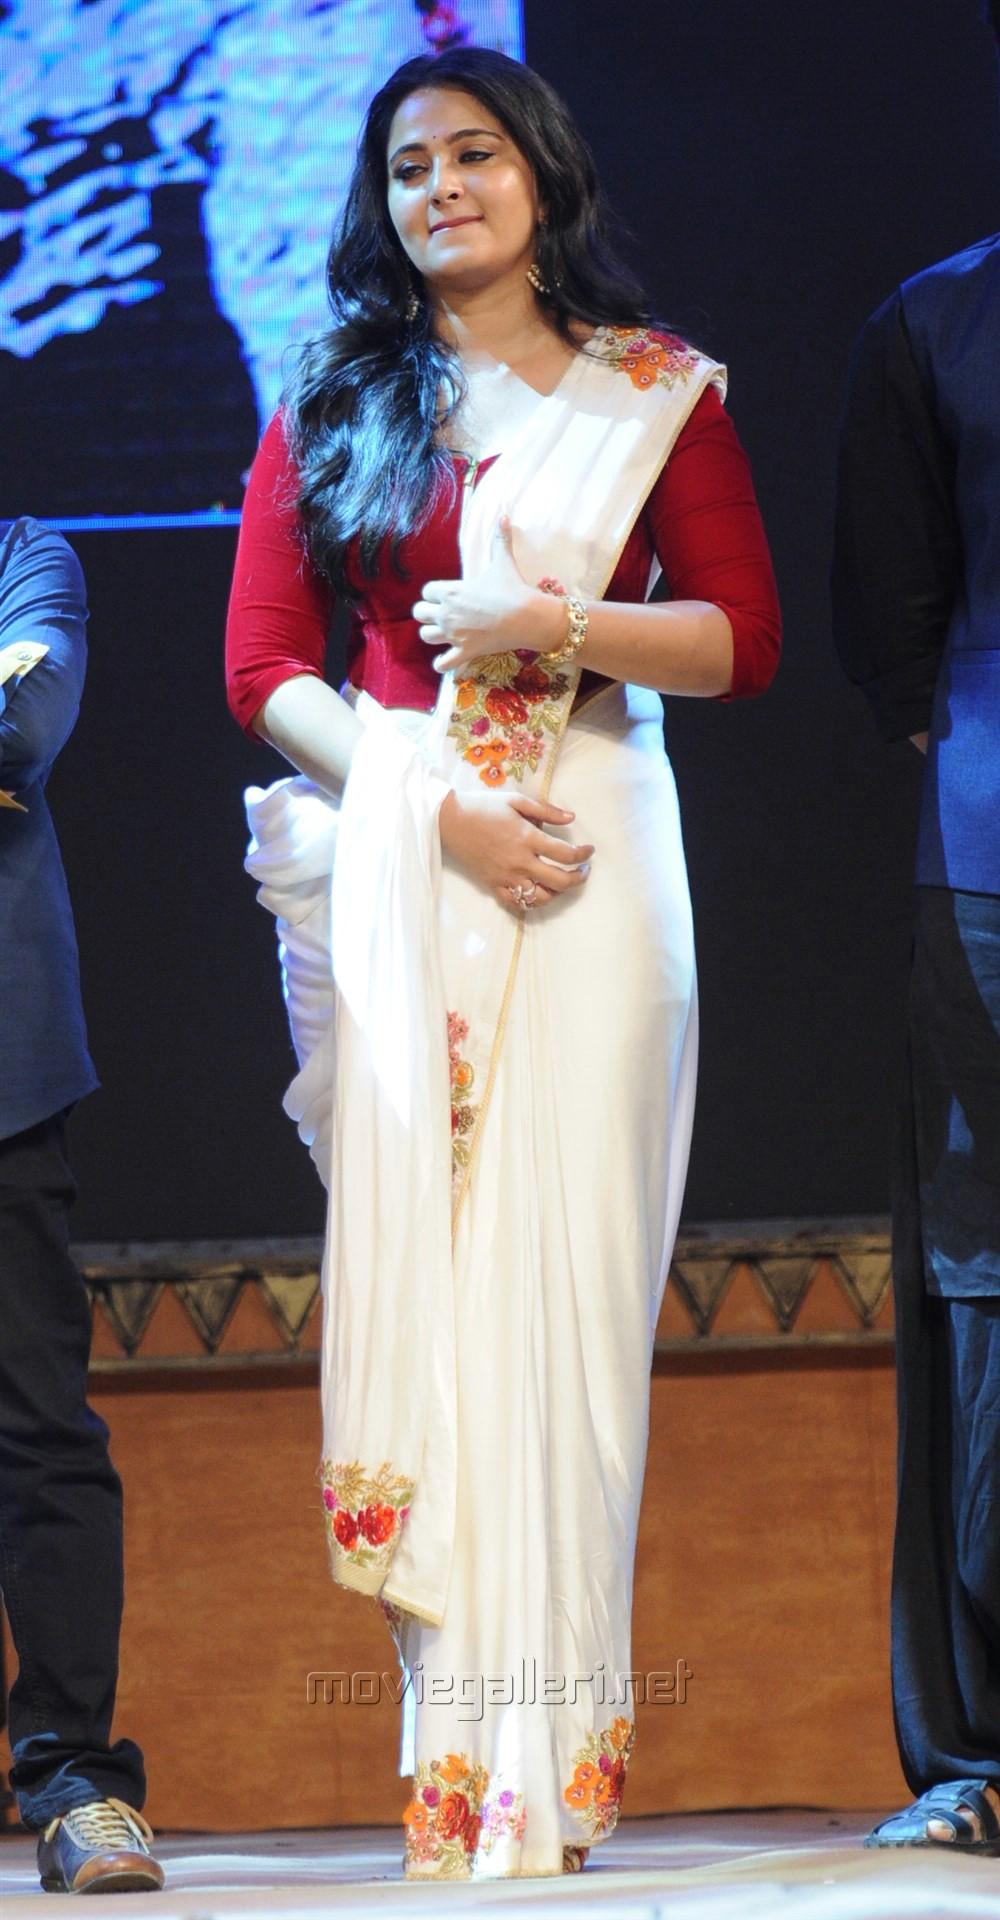 Actress Anushka Shetty Saree Photos at Bahubali 2 Pre Release